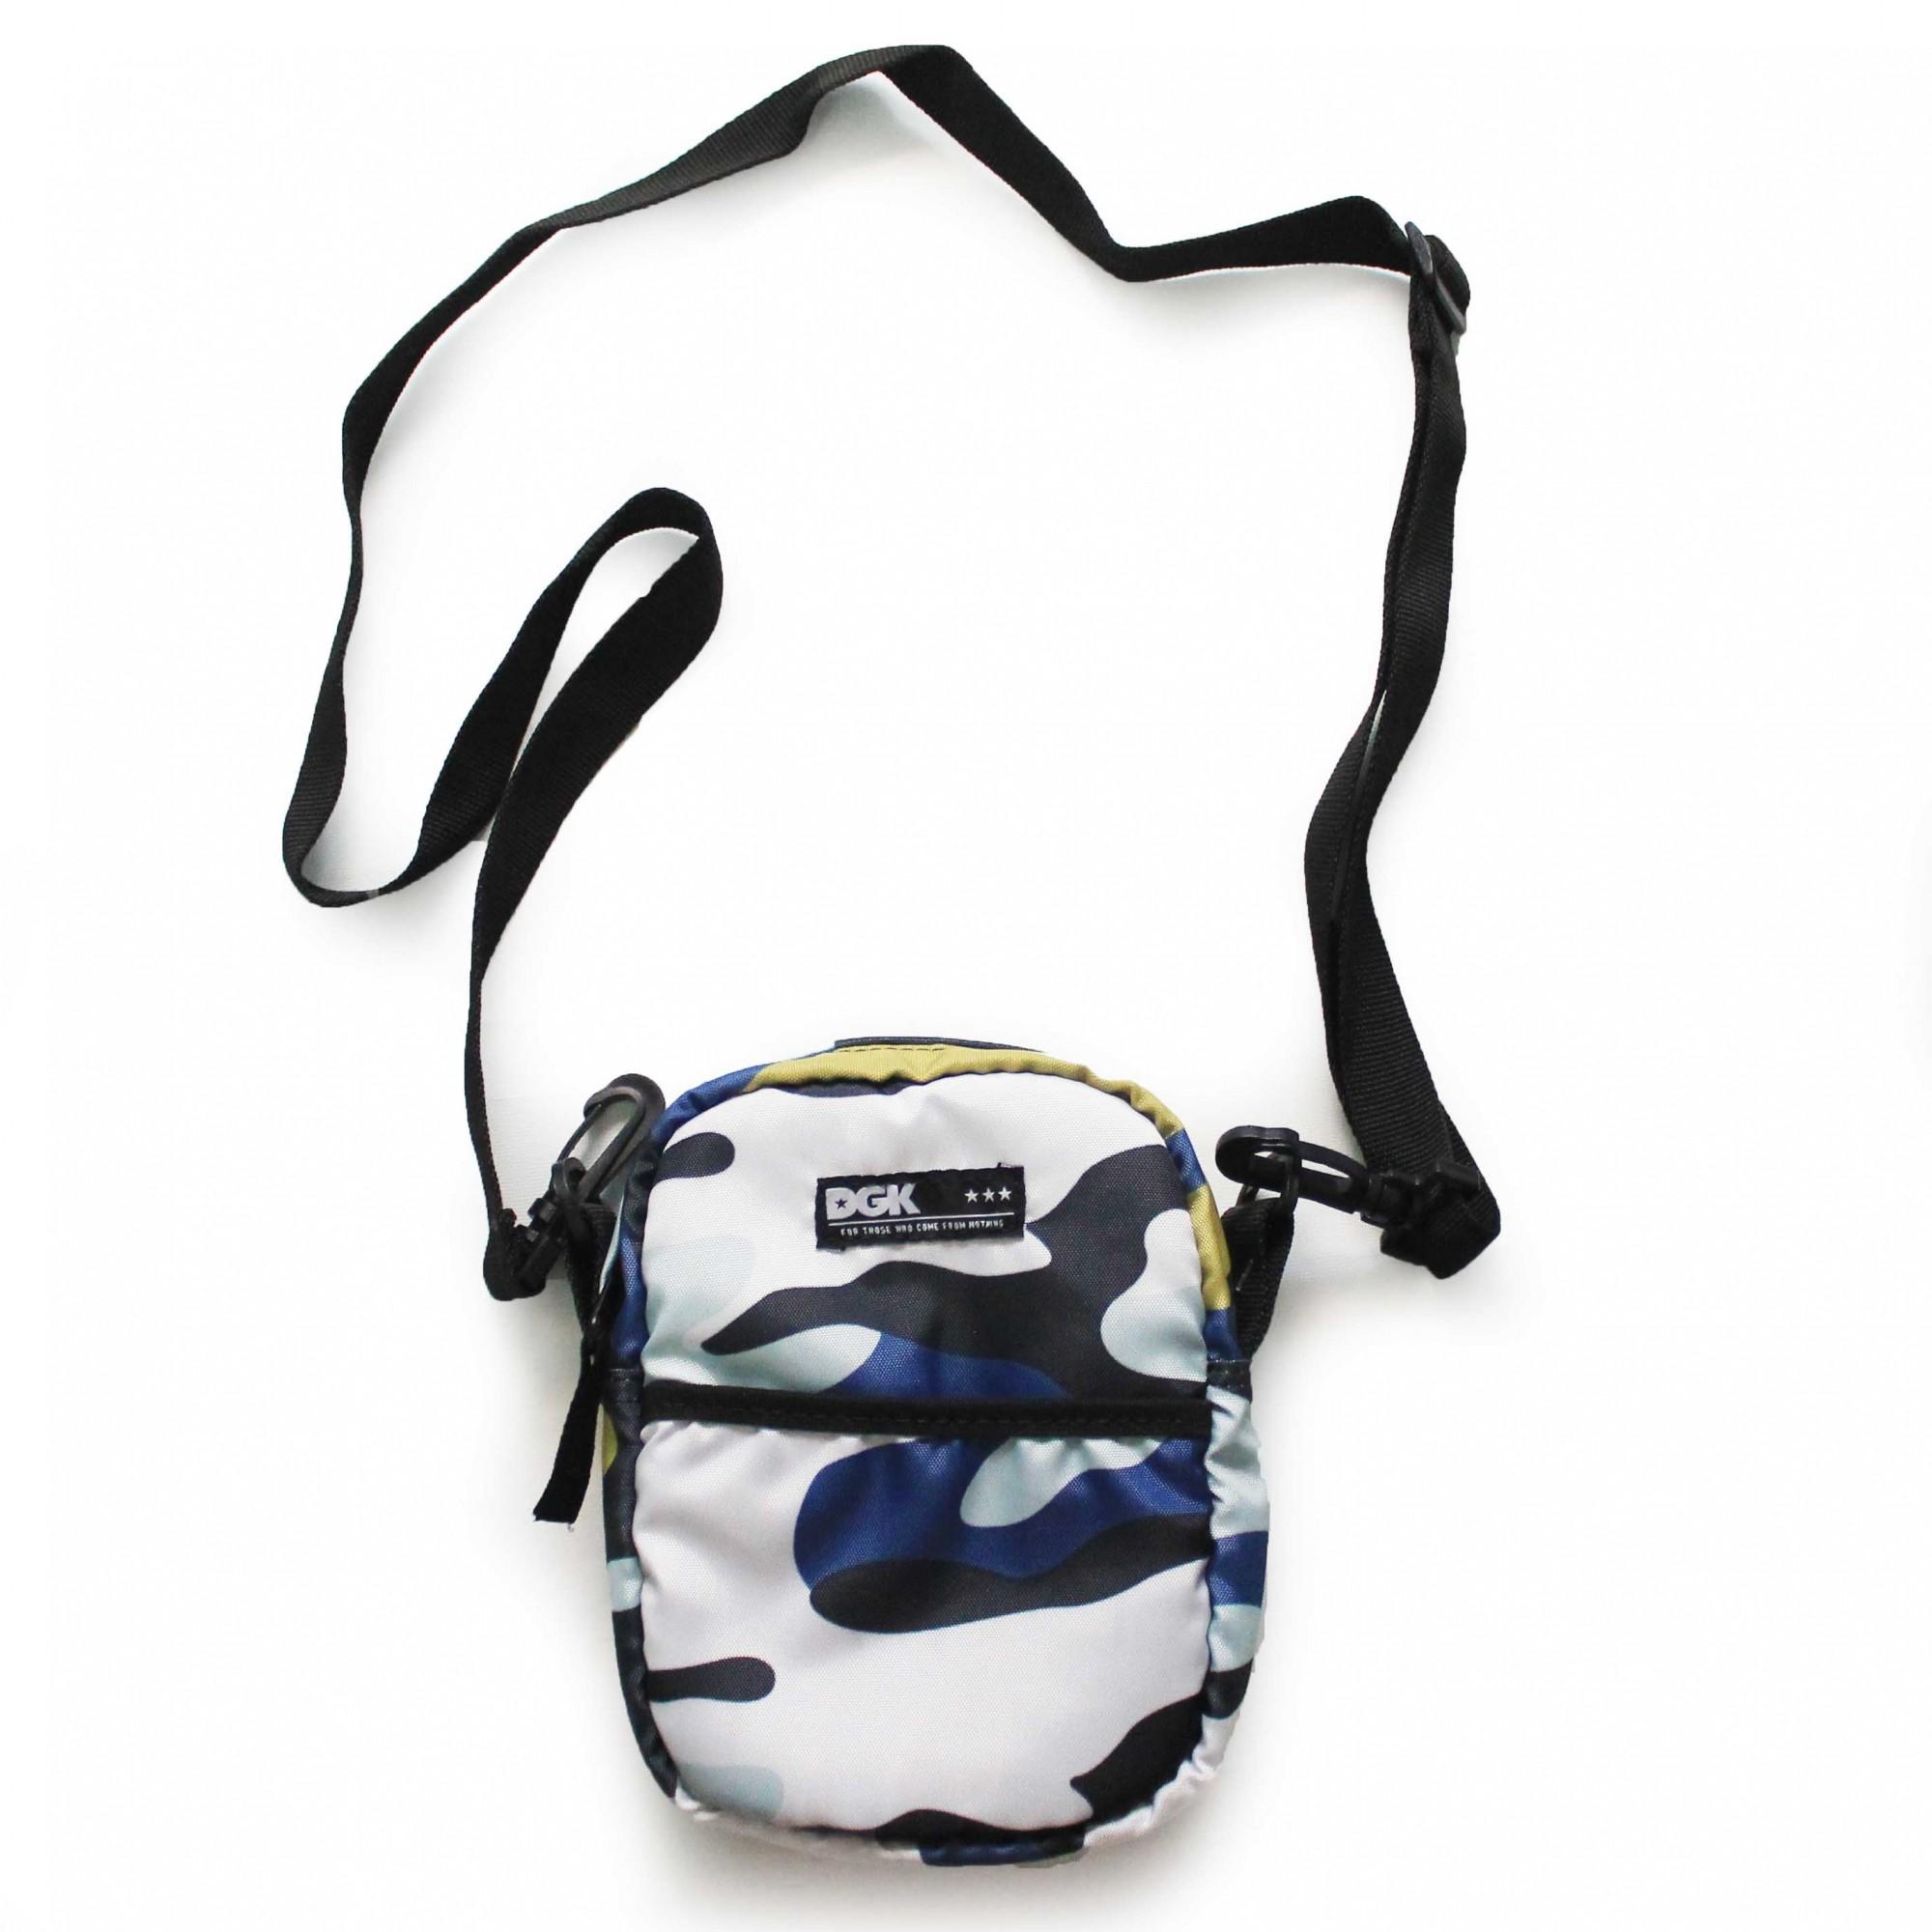 Shoulder Bag DGK Ruckus